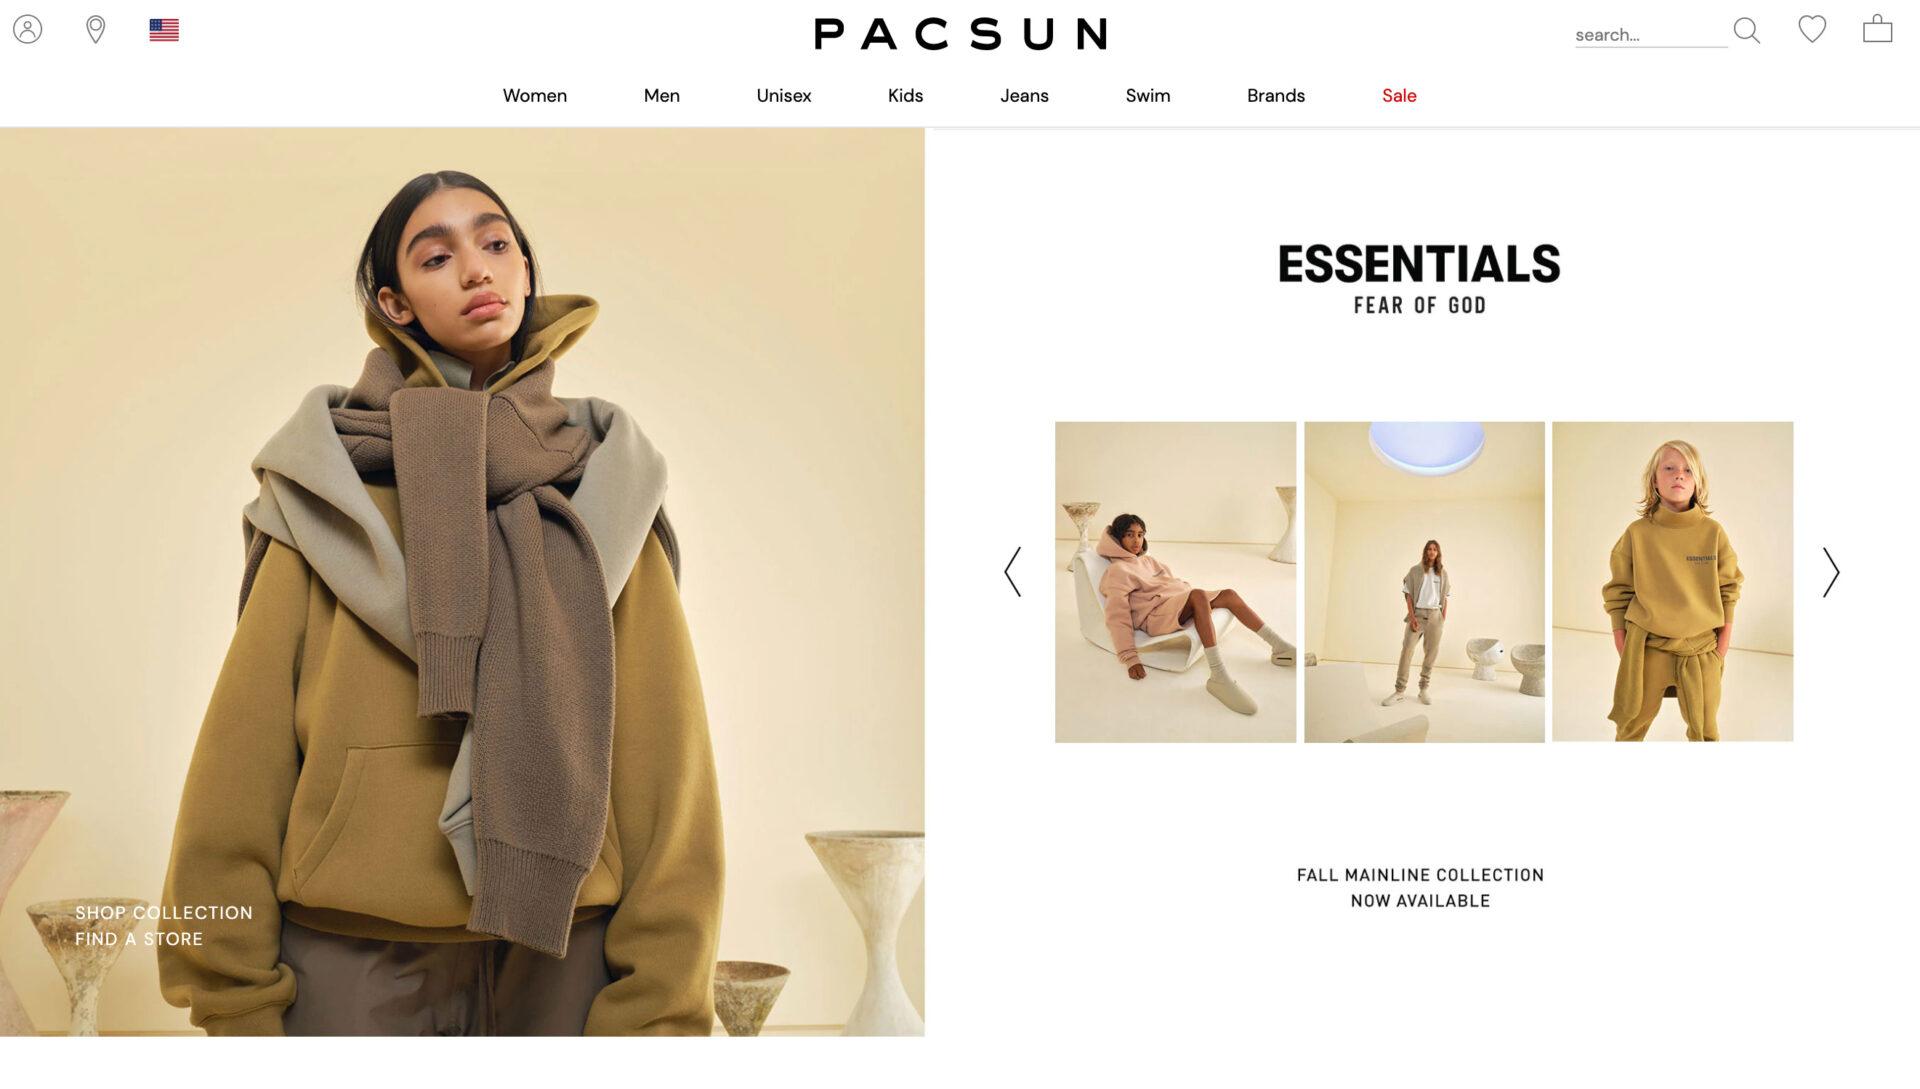 PACSUN パシフィック サンウェア オブ カリフォルニアの海外通販